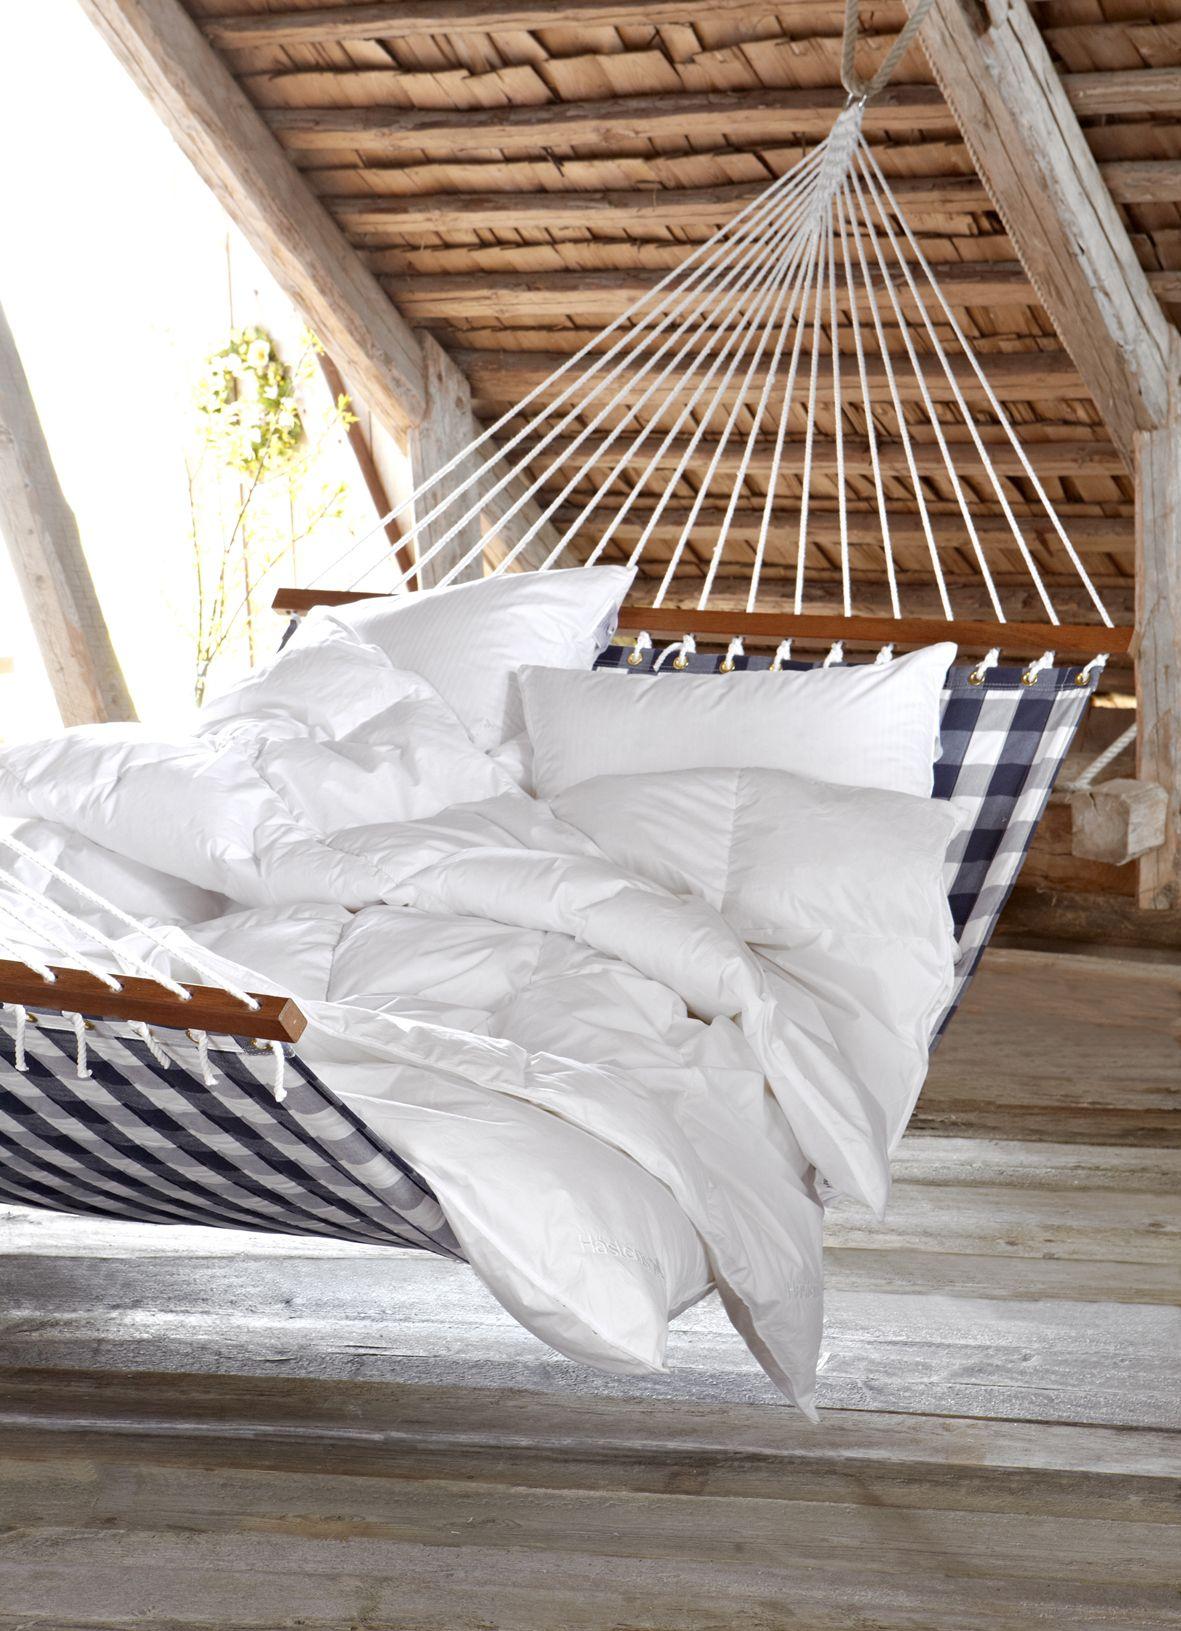 Hastens Sweden Hammock in bedroom and great ceiling. | Bedroom ...